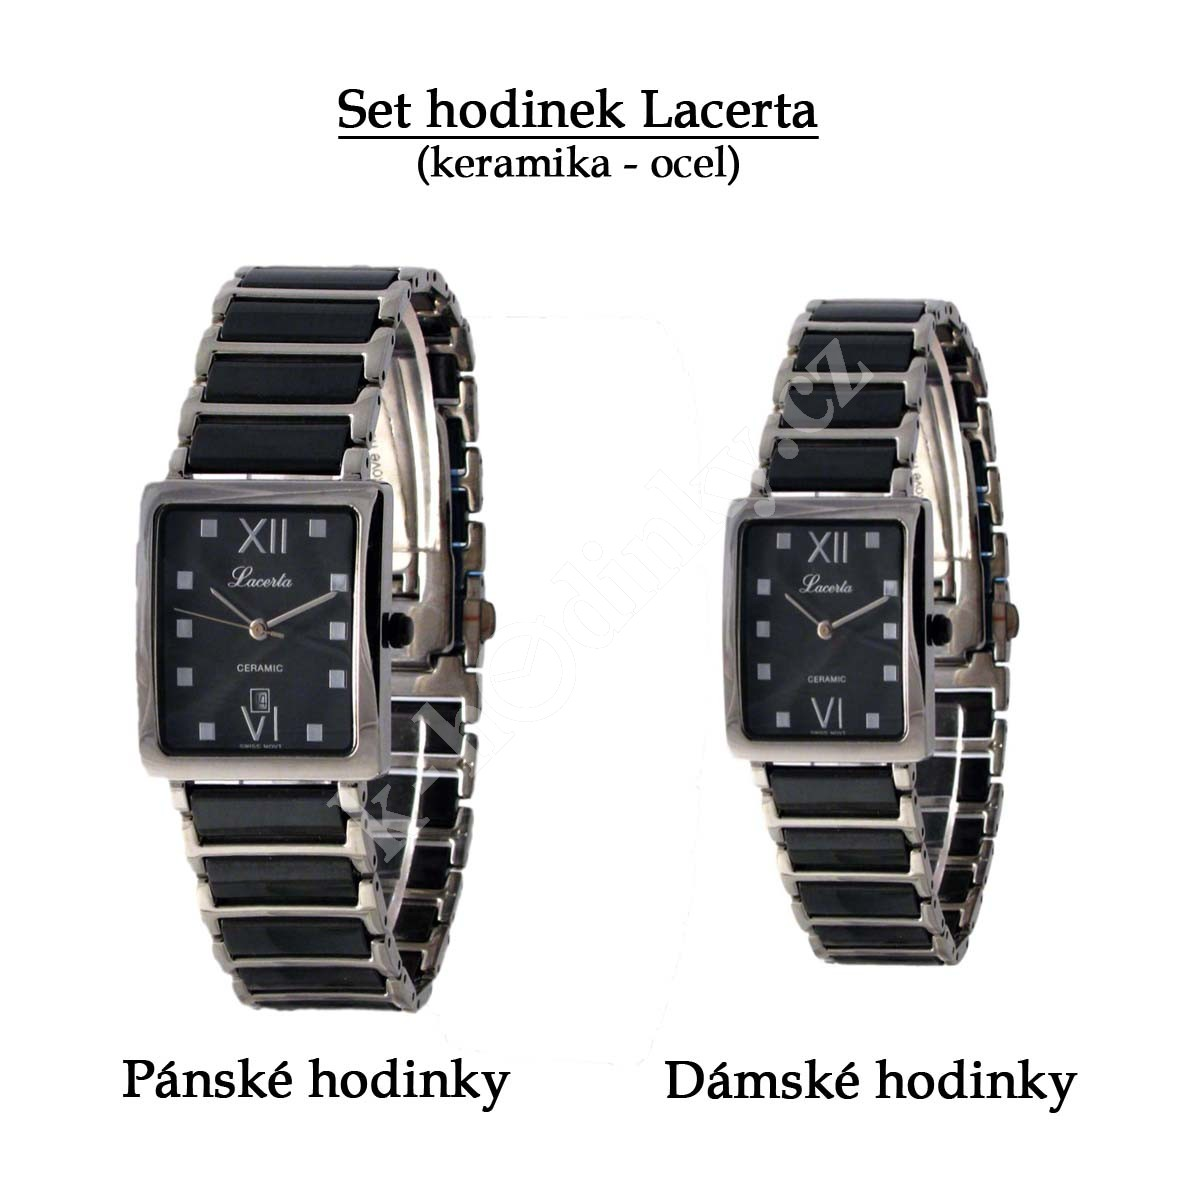 Dámské hodinky Lacerta 751 483 K1 - Hodinky Casio a Citizen 6d606173a1